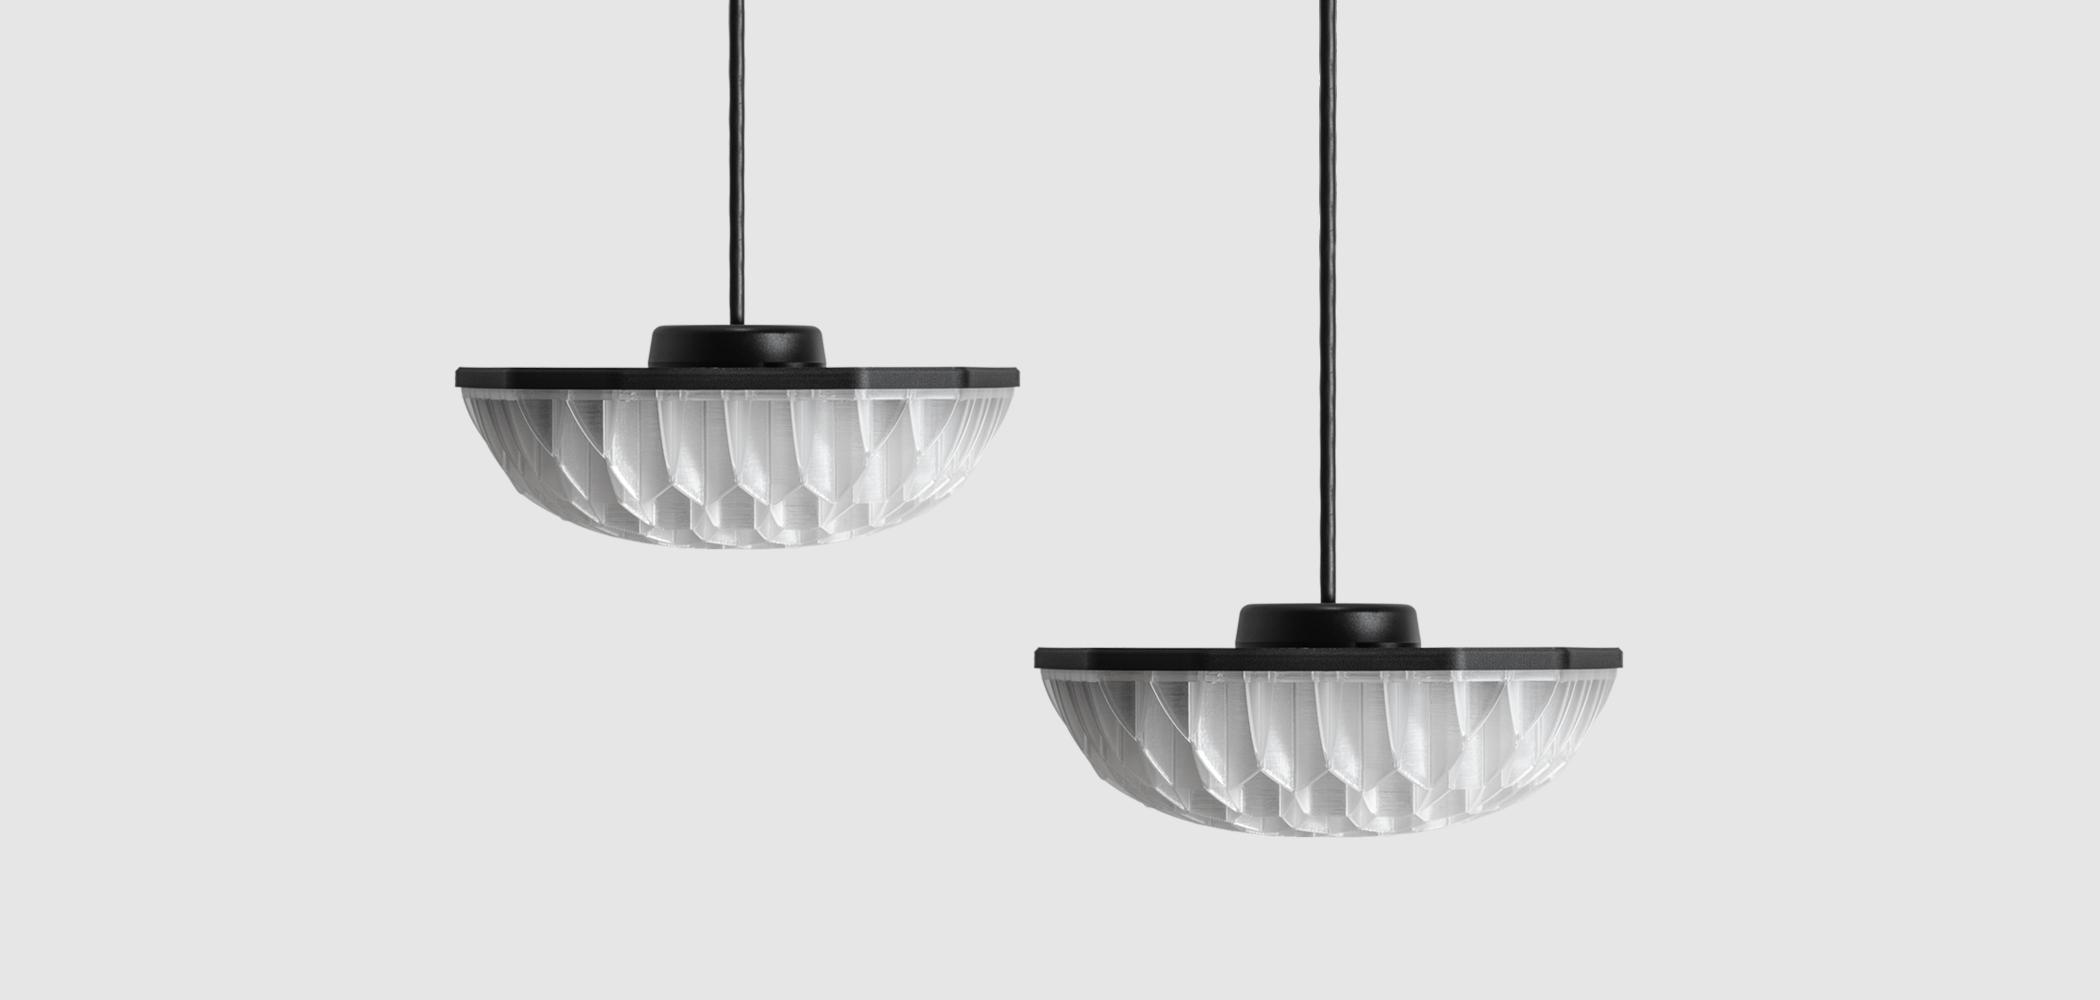 Decimal Agregar LED 3D printed pendant lamp